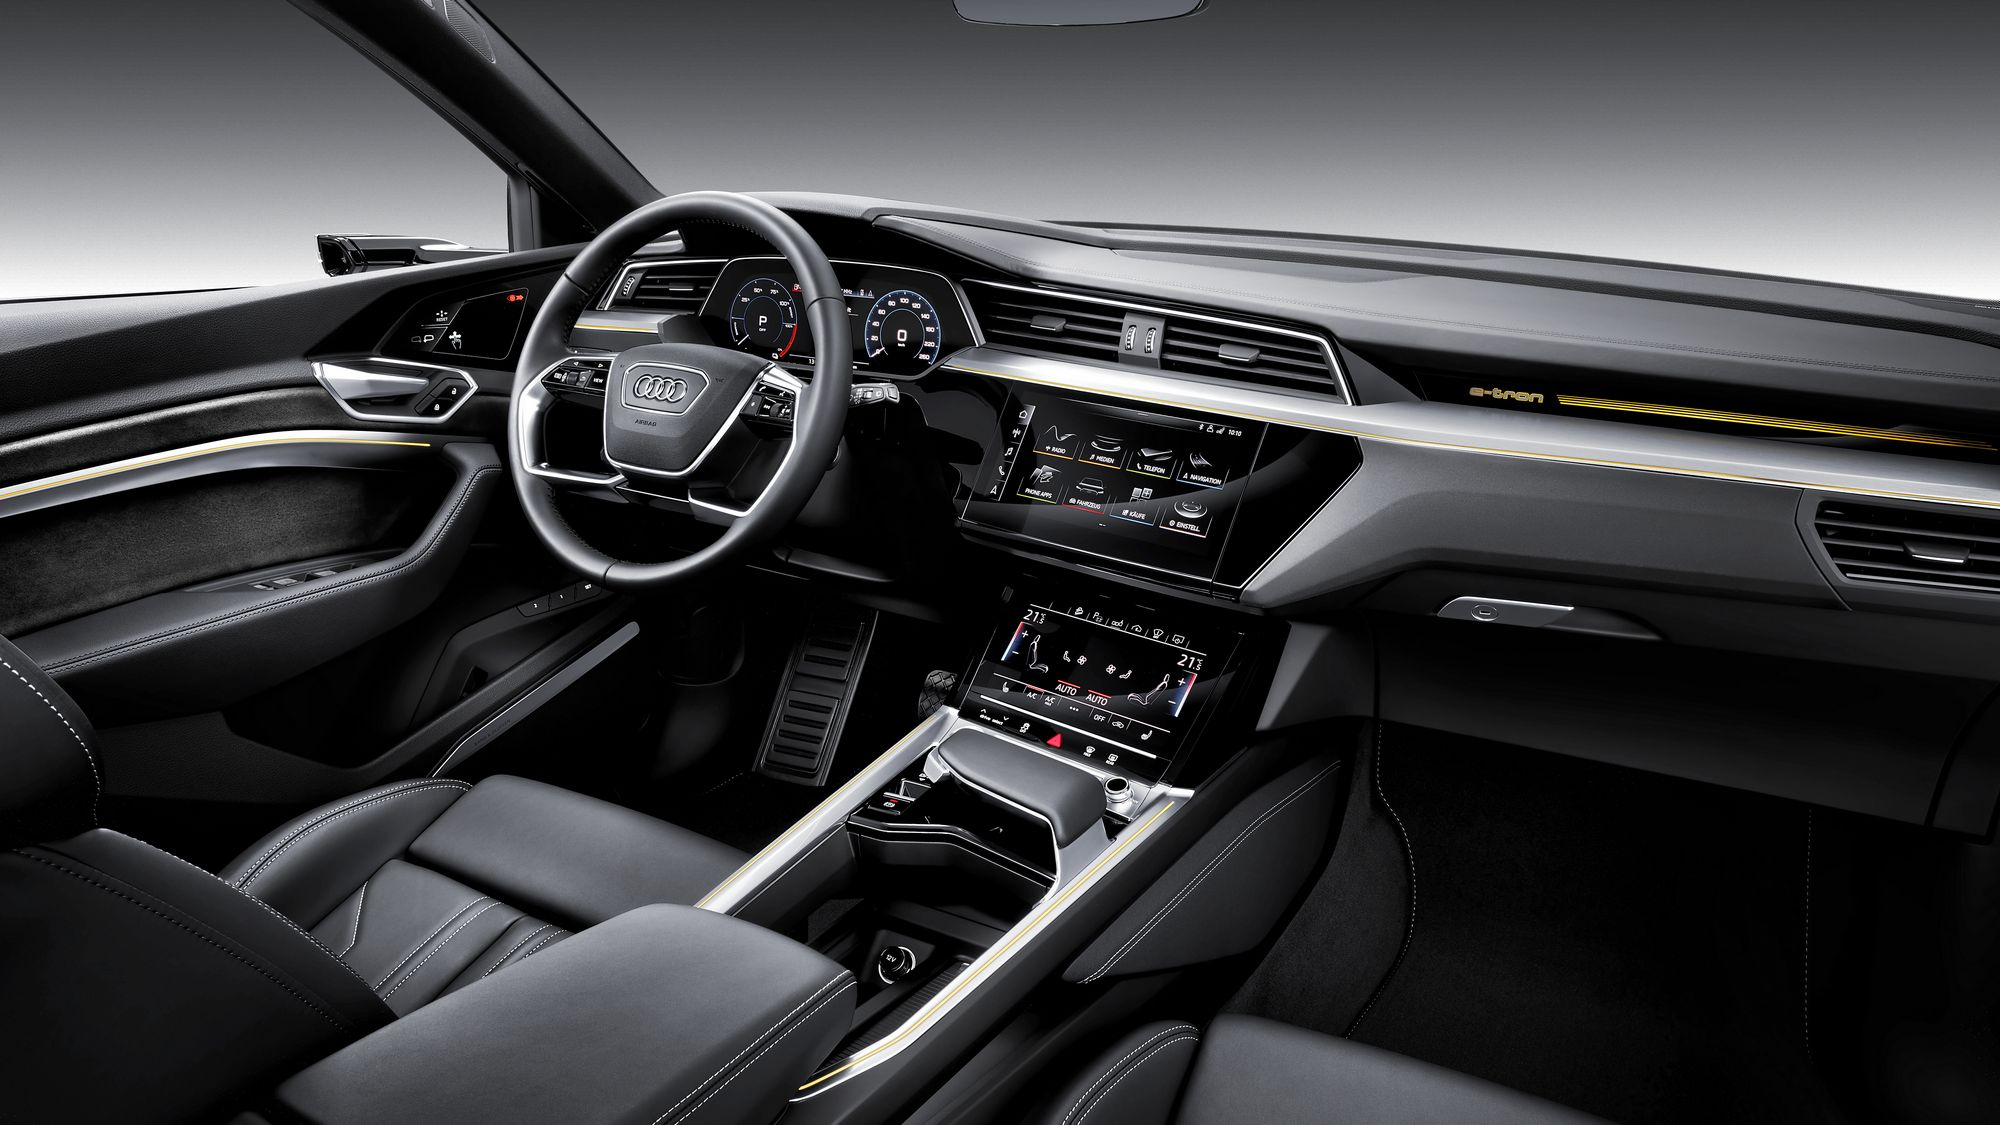 Audi E-tron suv interior